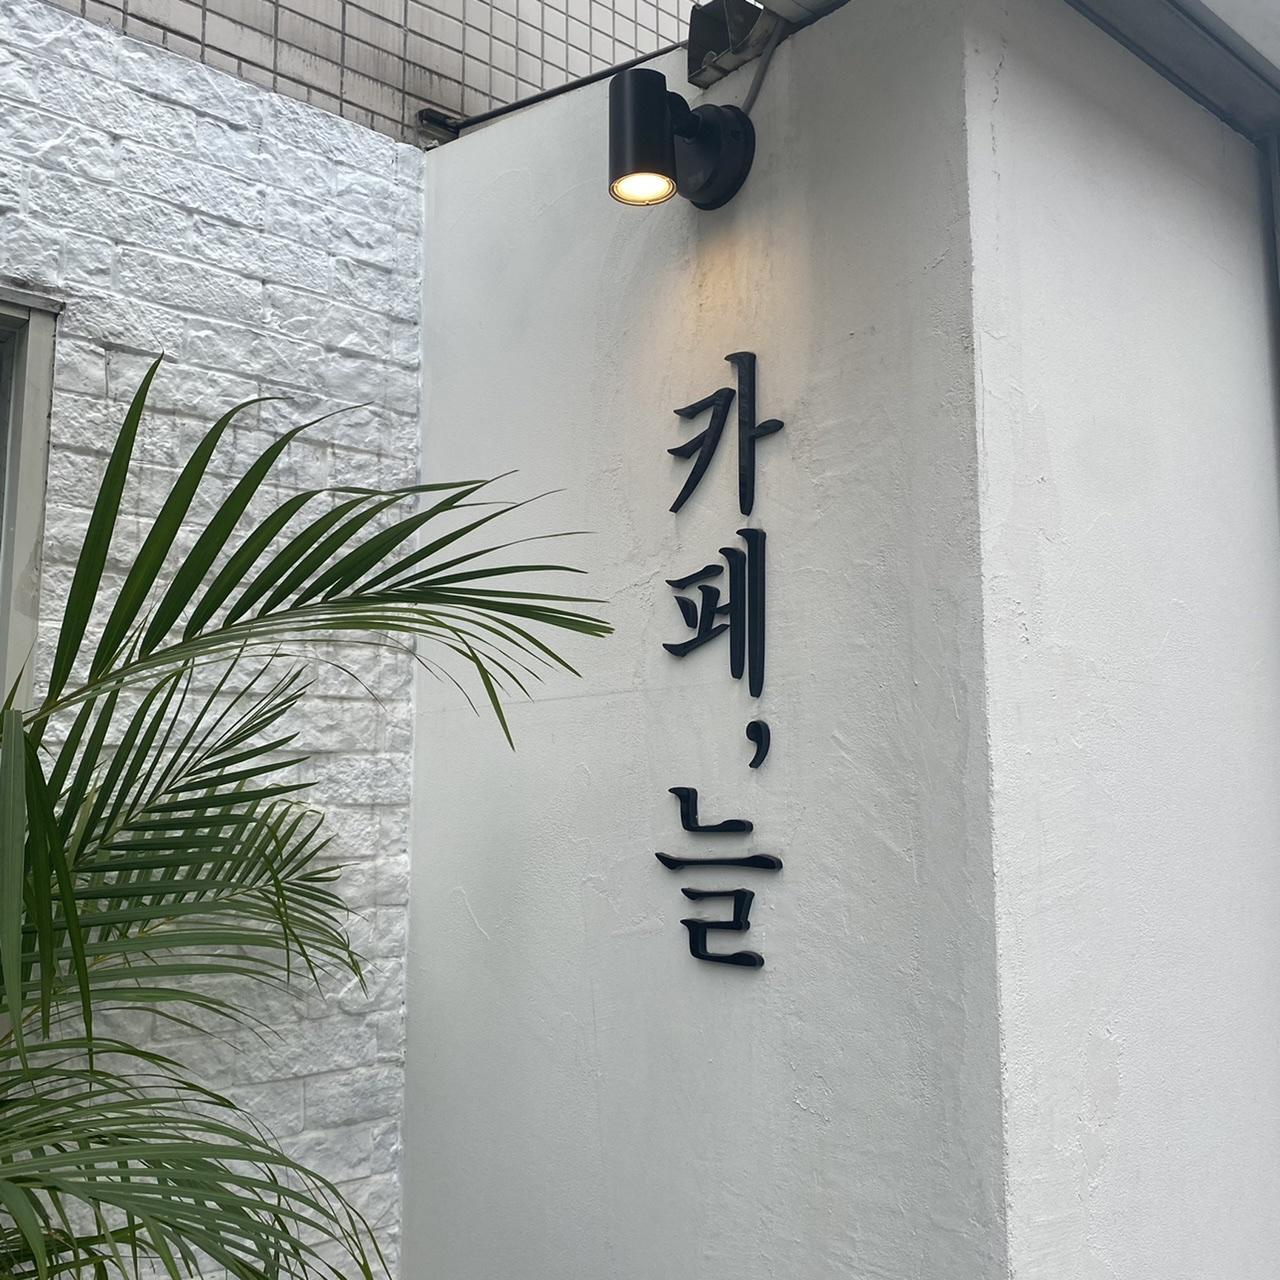 【新大久保カフェ】2021年6月OPEN!韓国カフェ《Neul(ヌル)》が可愛すぎ♡_2